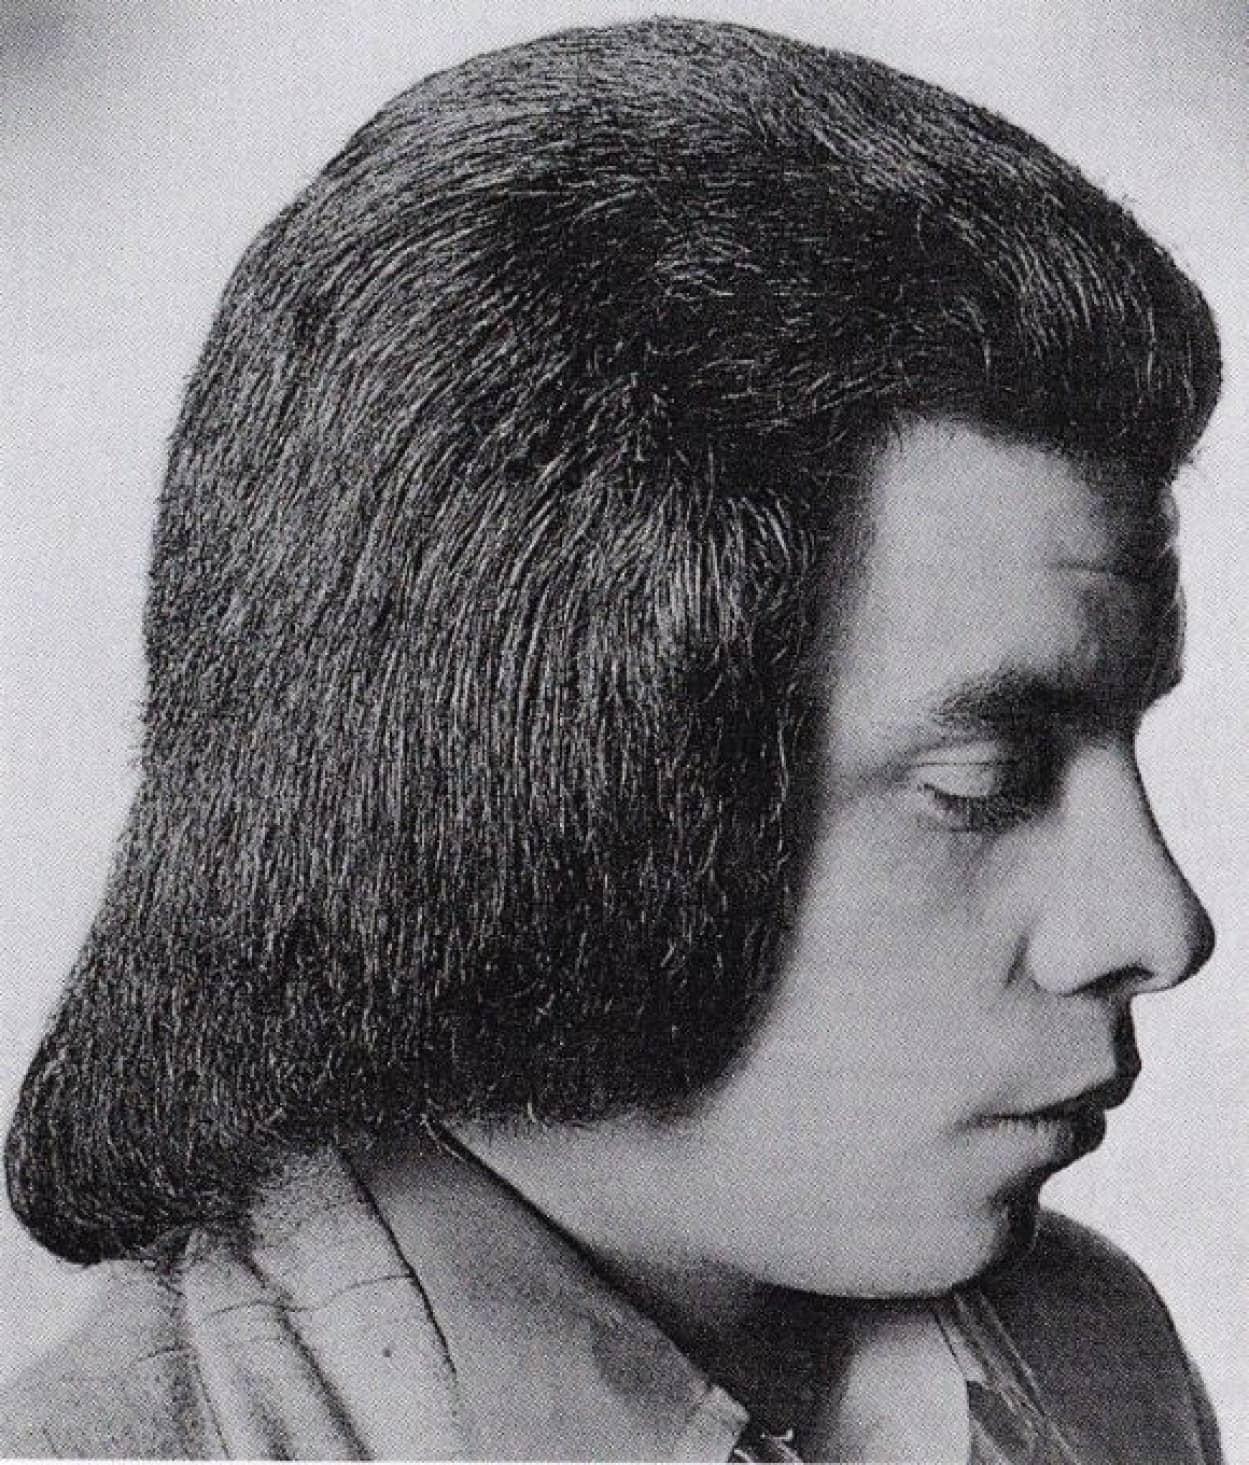 haircut-6 (1)